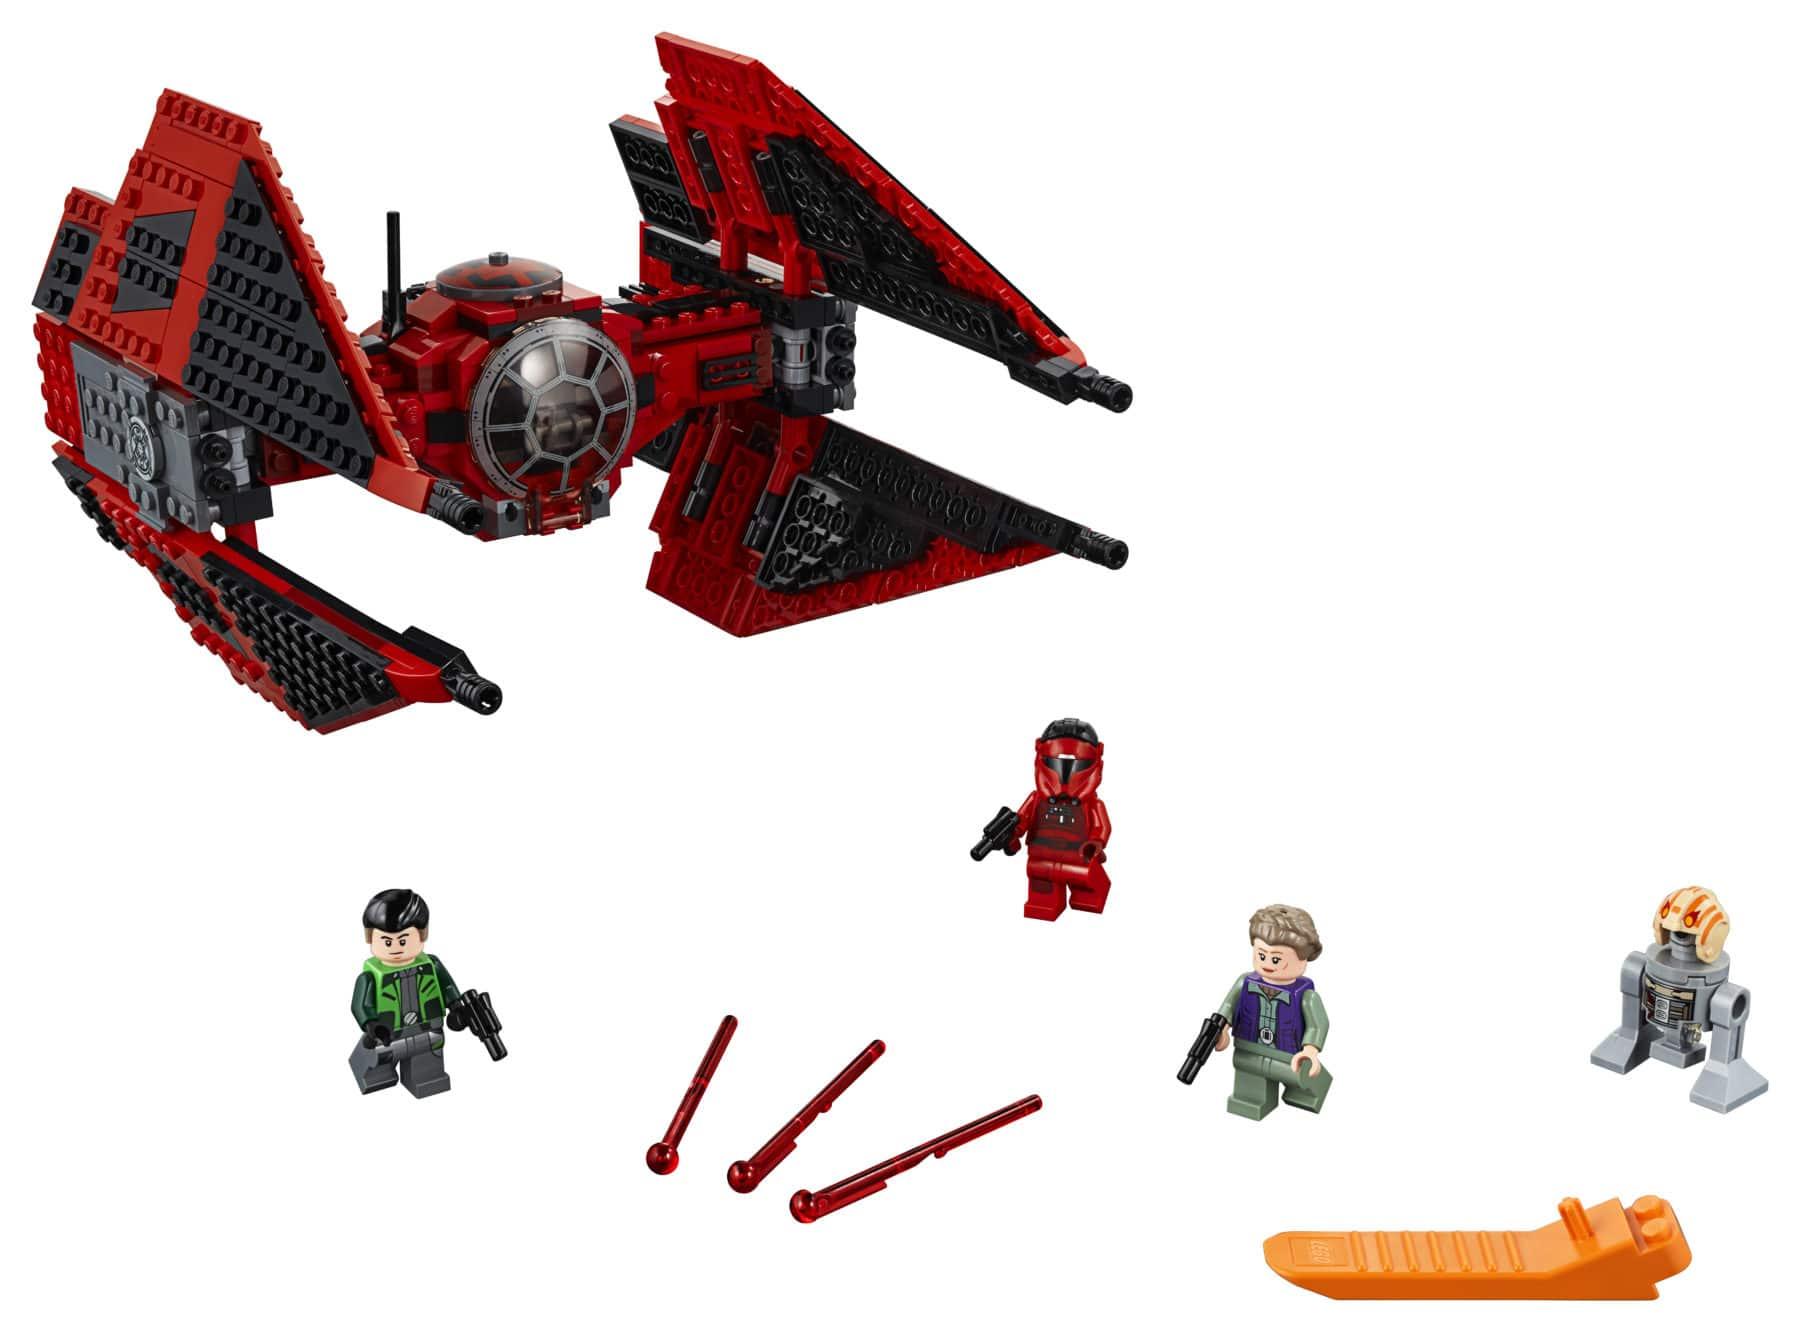 LEGO Star Wars 75240 Major Vonreg's TIE Fighter